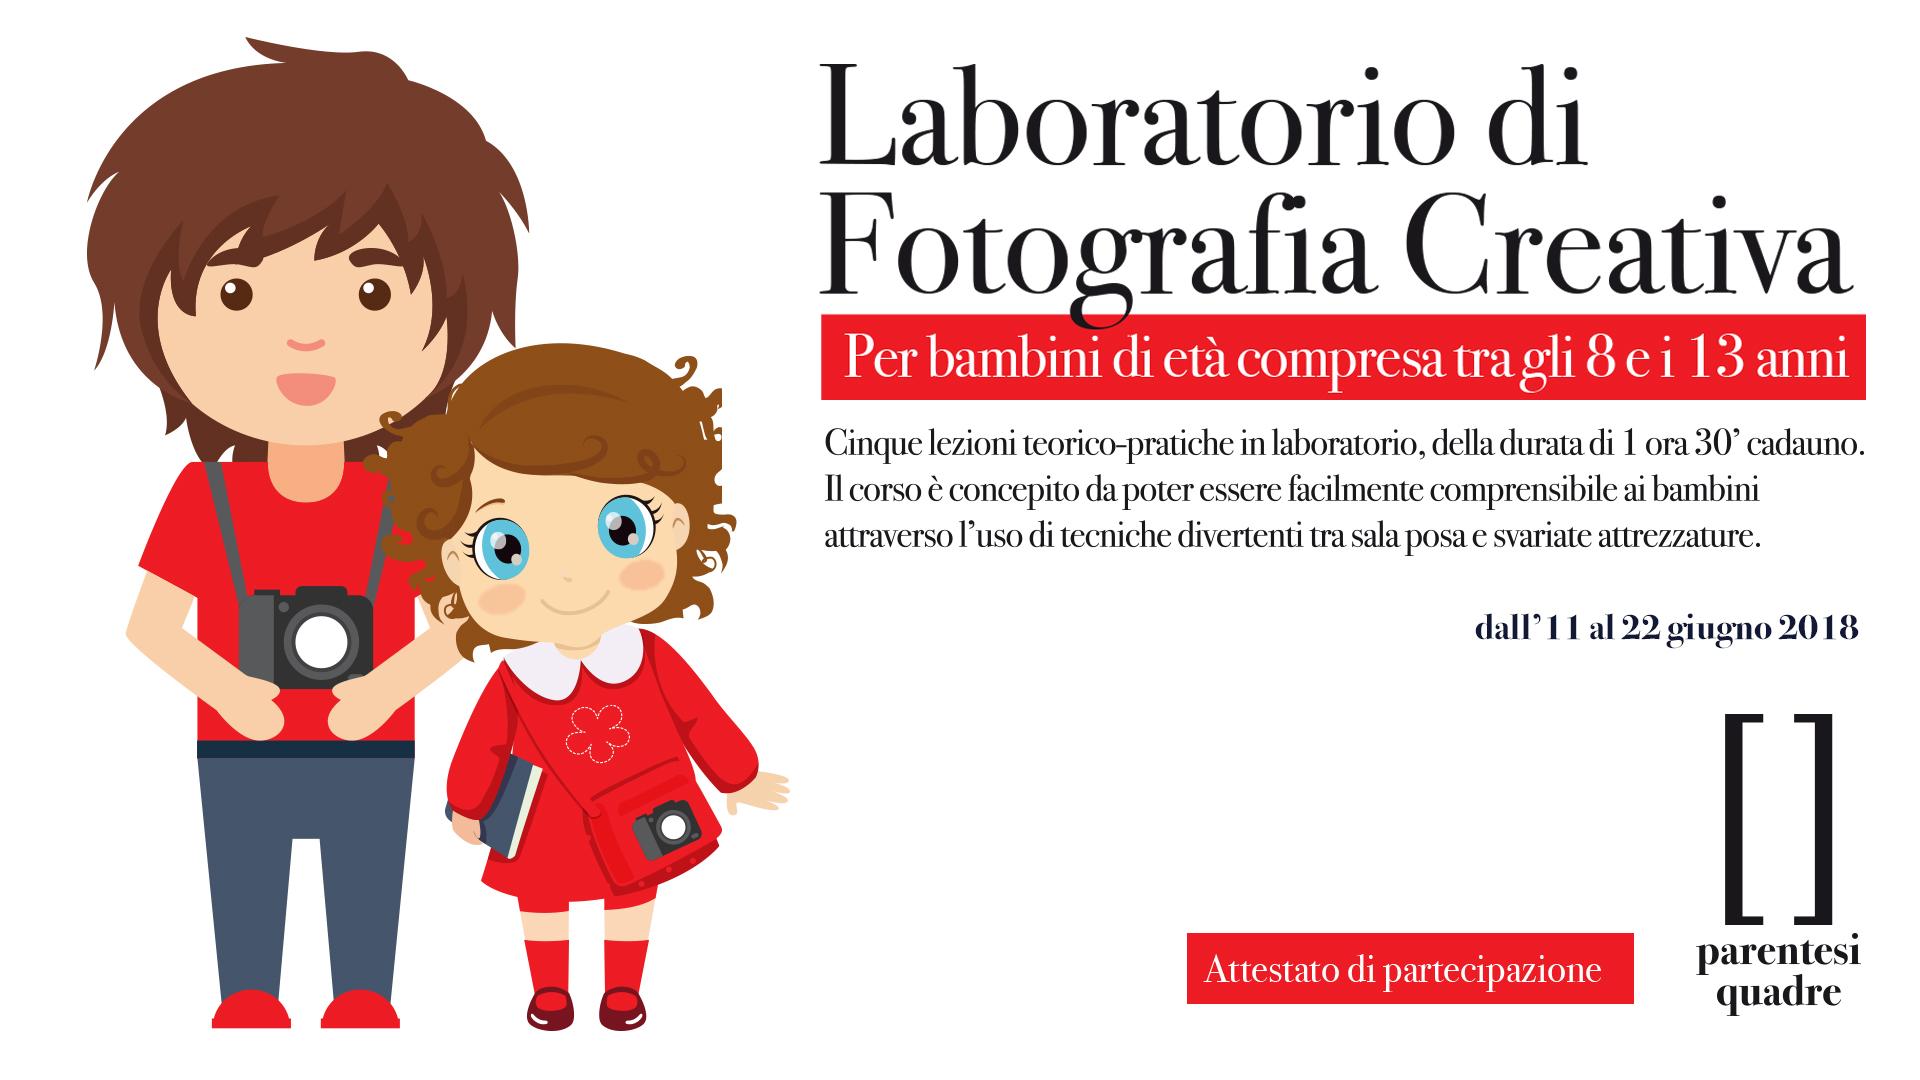 Seconda Edizione Del Laboratorio Di Fotografia Creativa Per Bambini